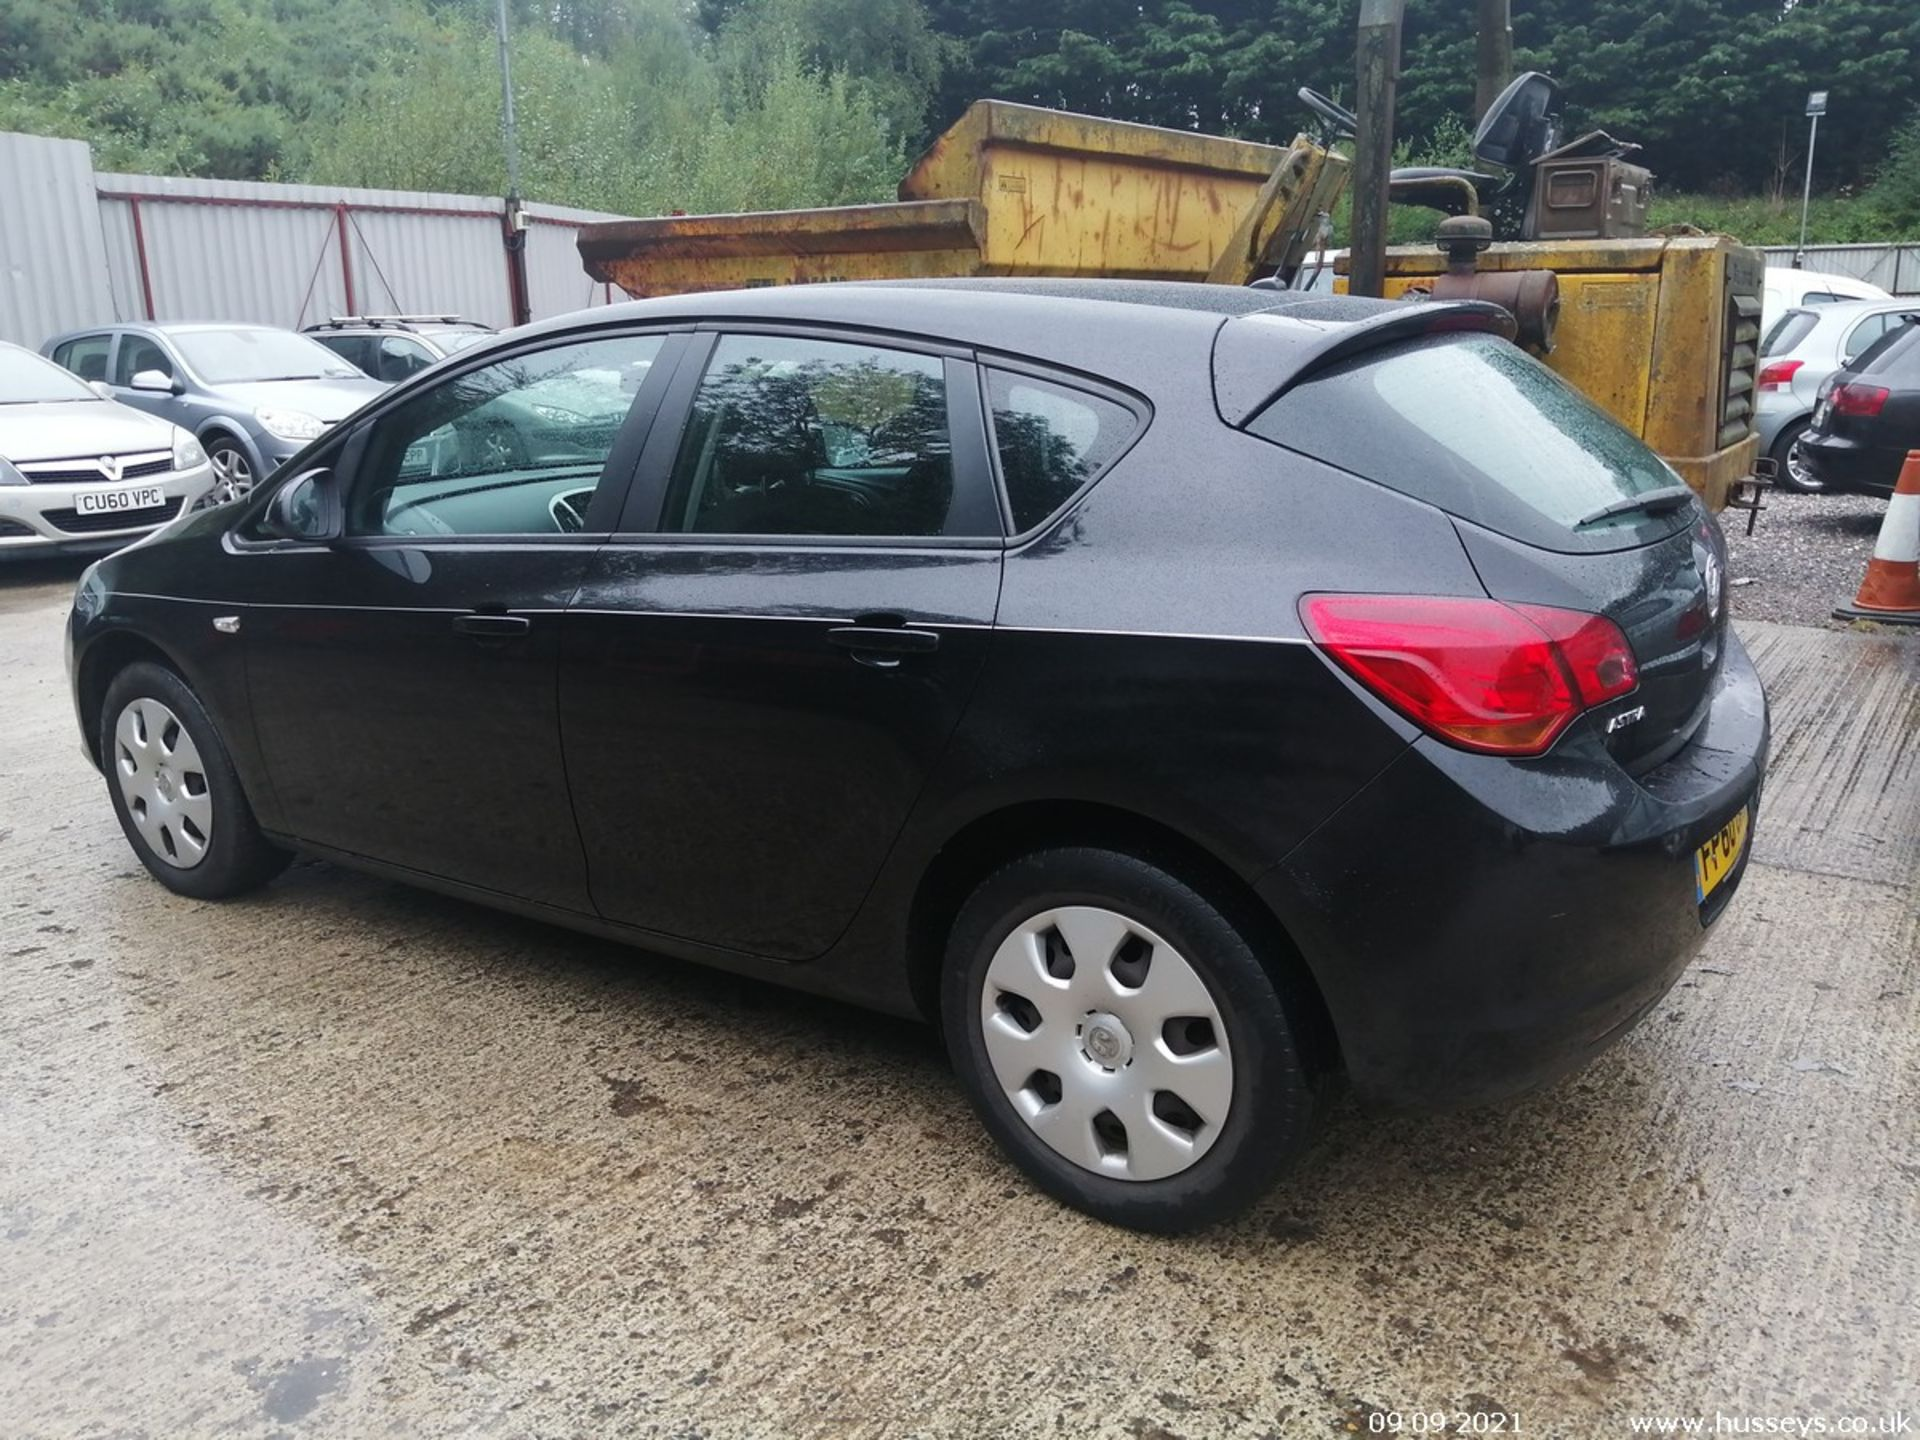 11/60 VAUXHALL ASTRA EXCLUSIV 98 - 1398cc 5dr Hatchback (Black, 124k) - Image 5 of 11